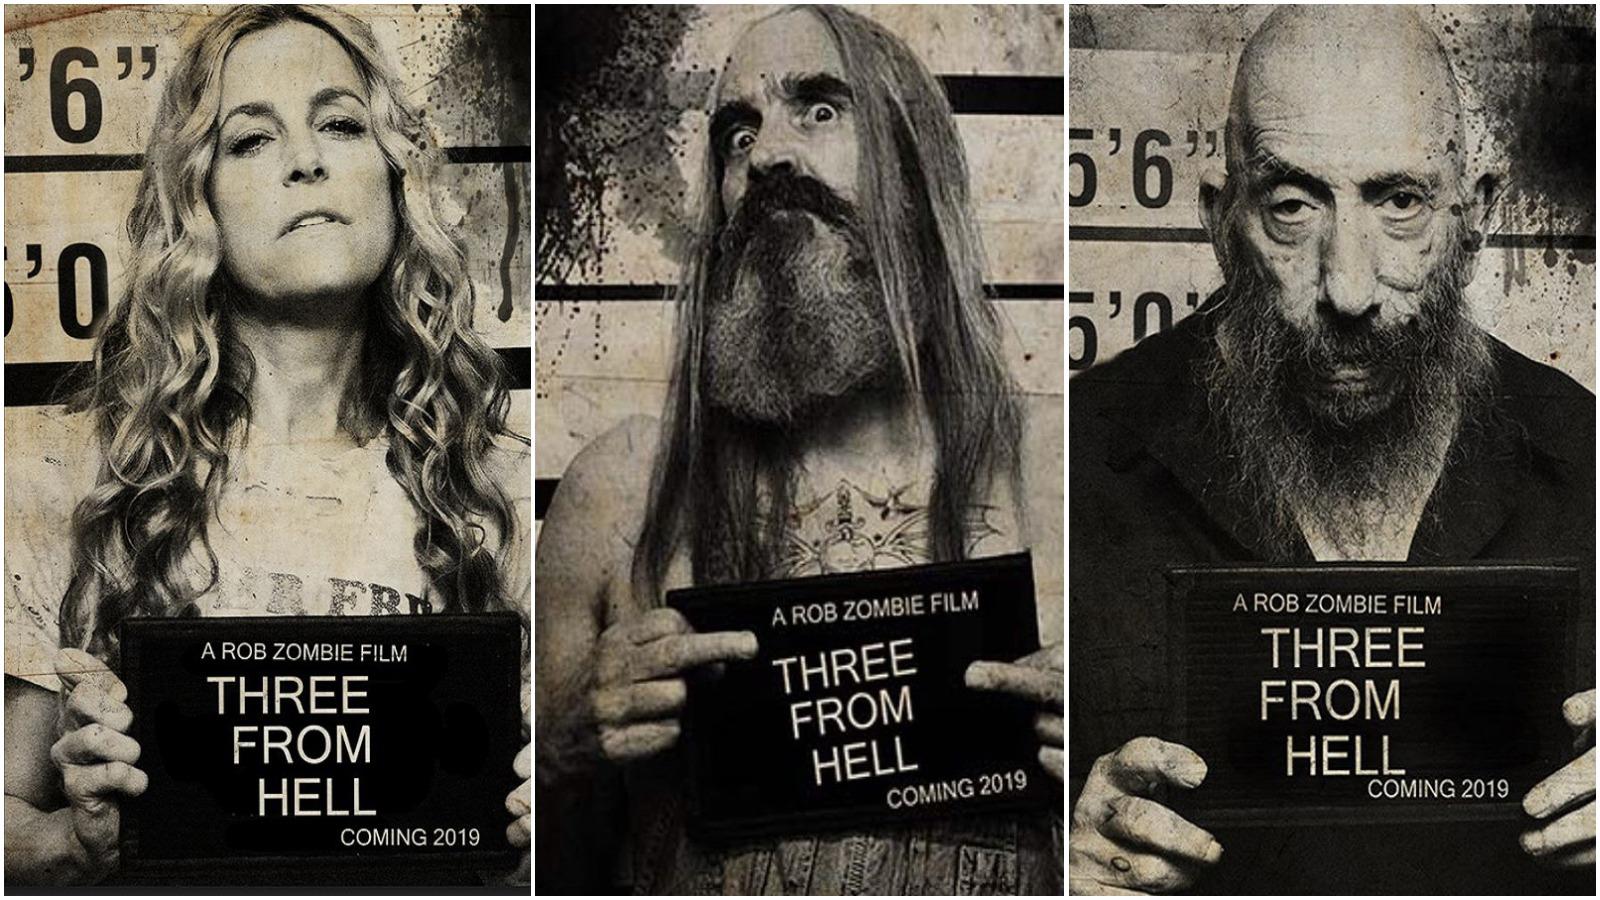 La secuela 3 From Hell de Rob Zombie libera primer tráiler completo